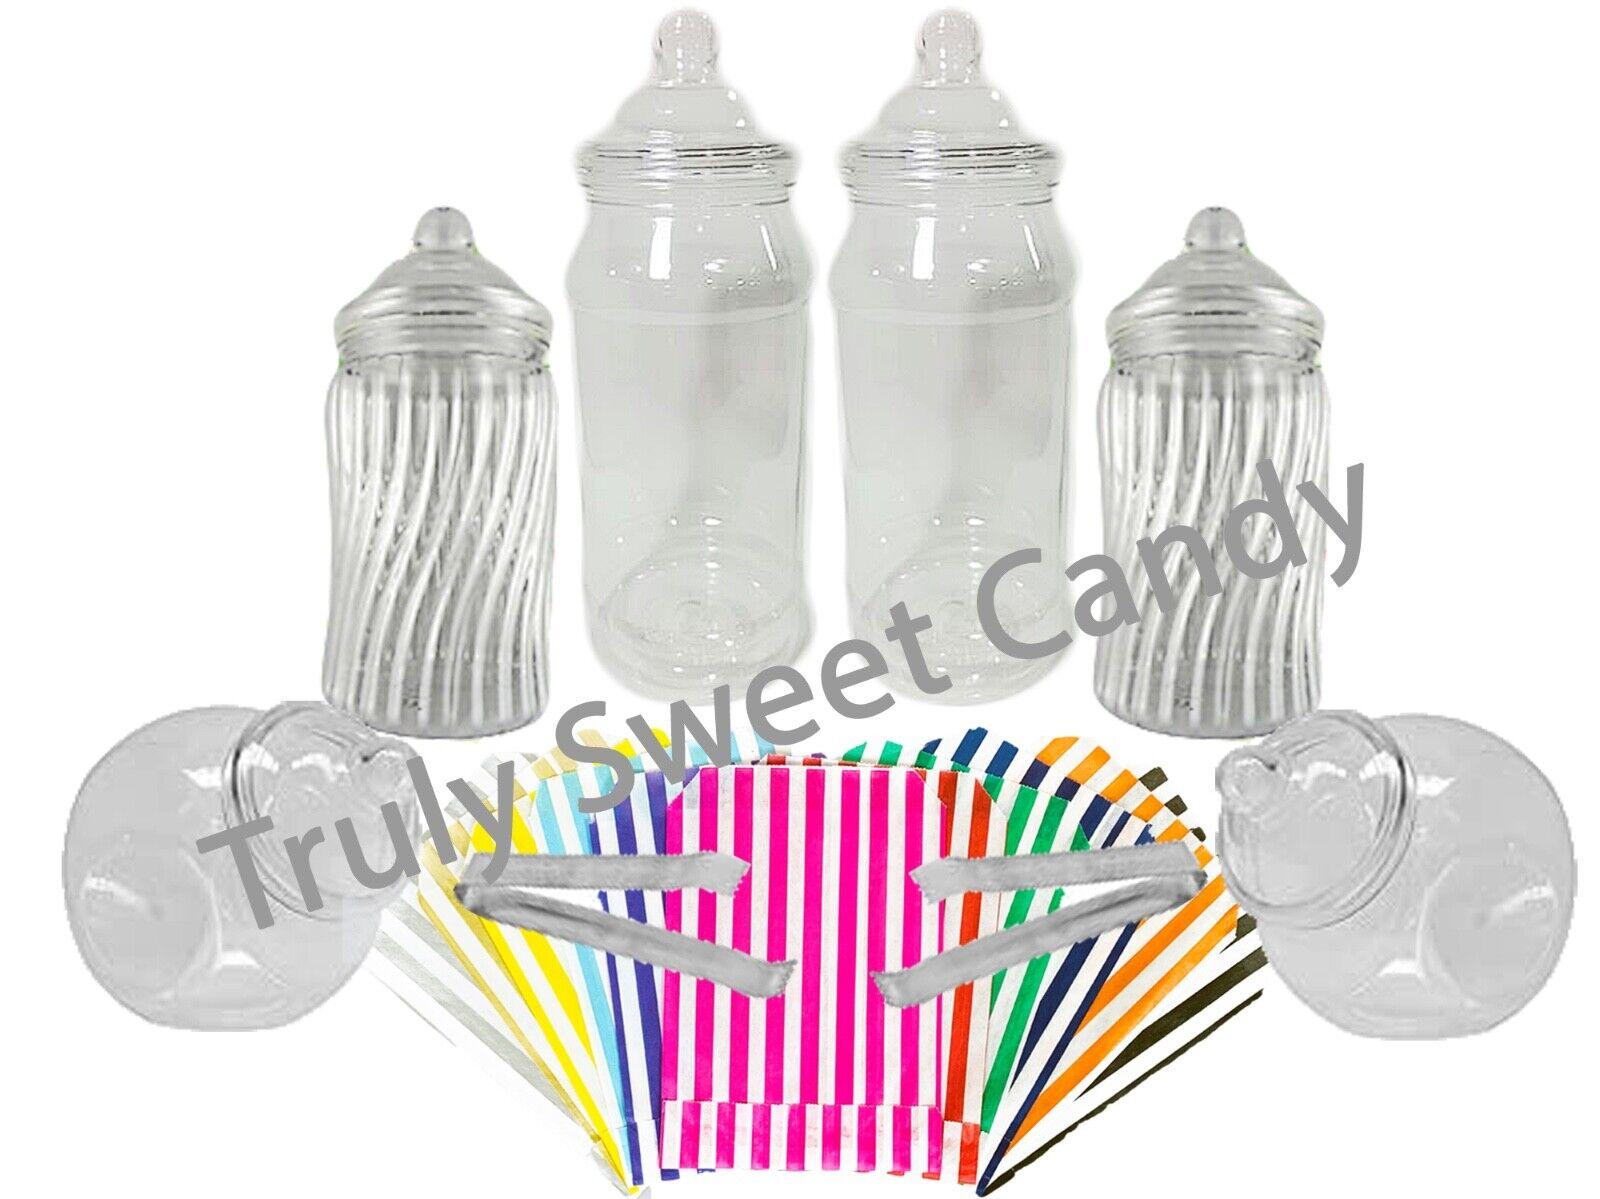 5 x 1 L Plastique Sucré Pots 2 Pinces 50 Sacs Bonbon Buffet Mariage Fête Bday